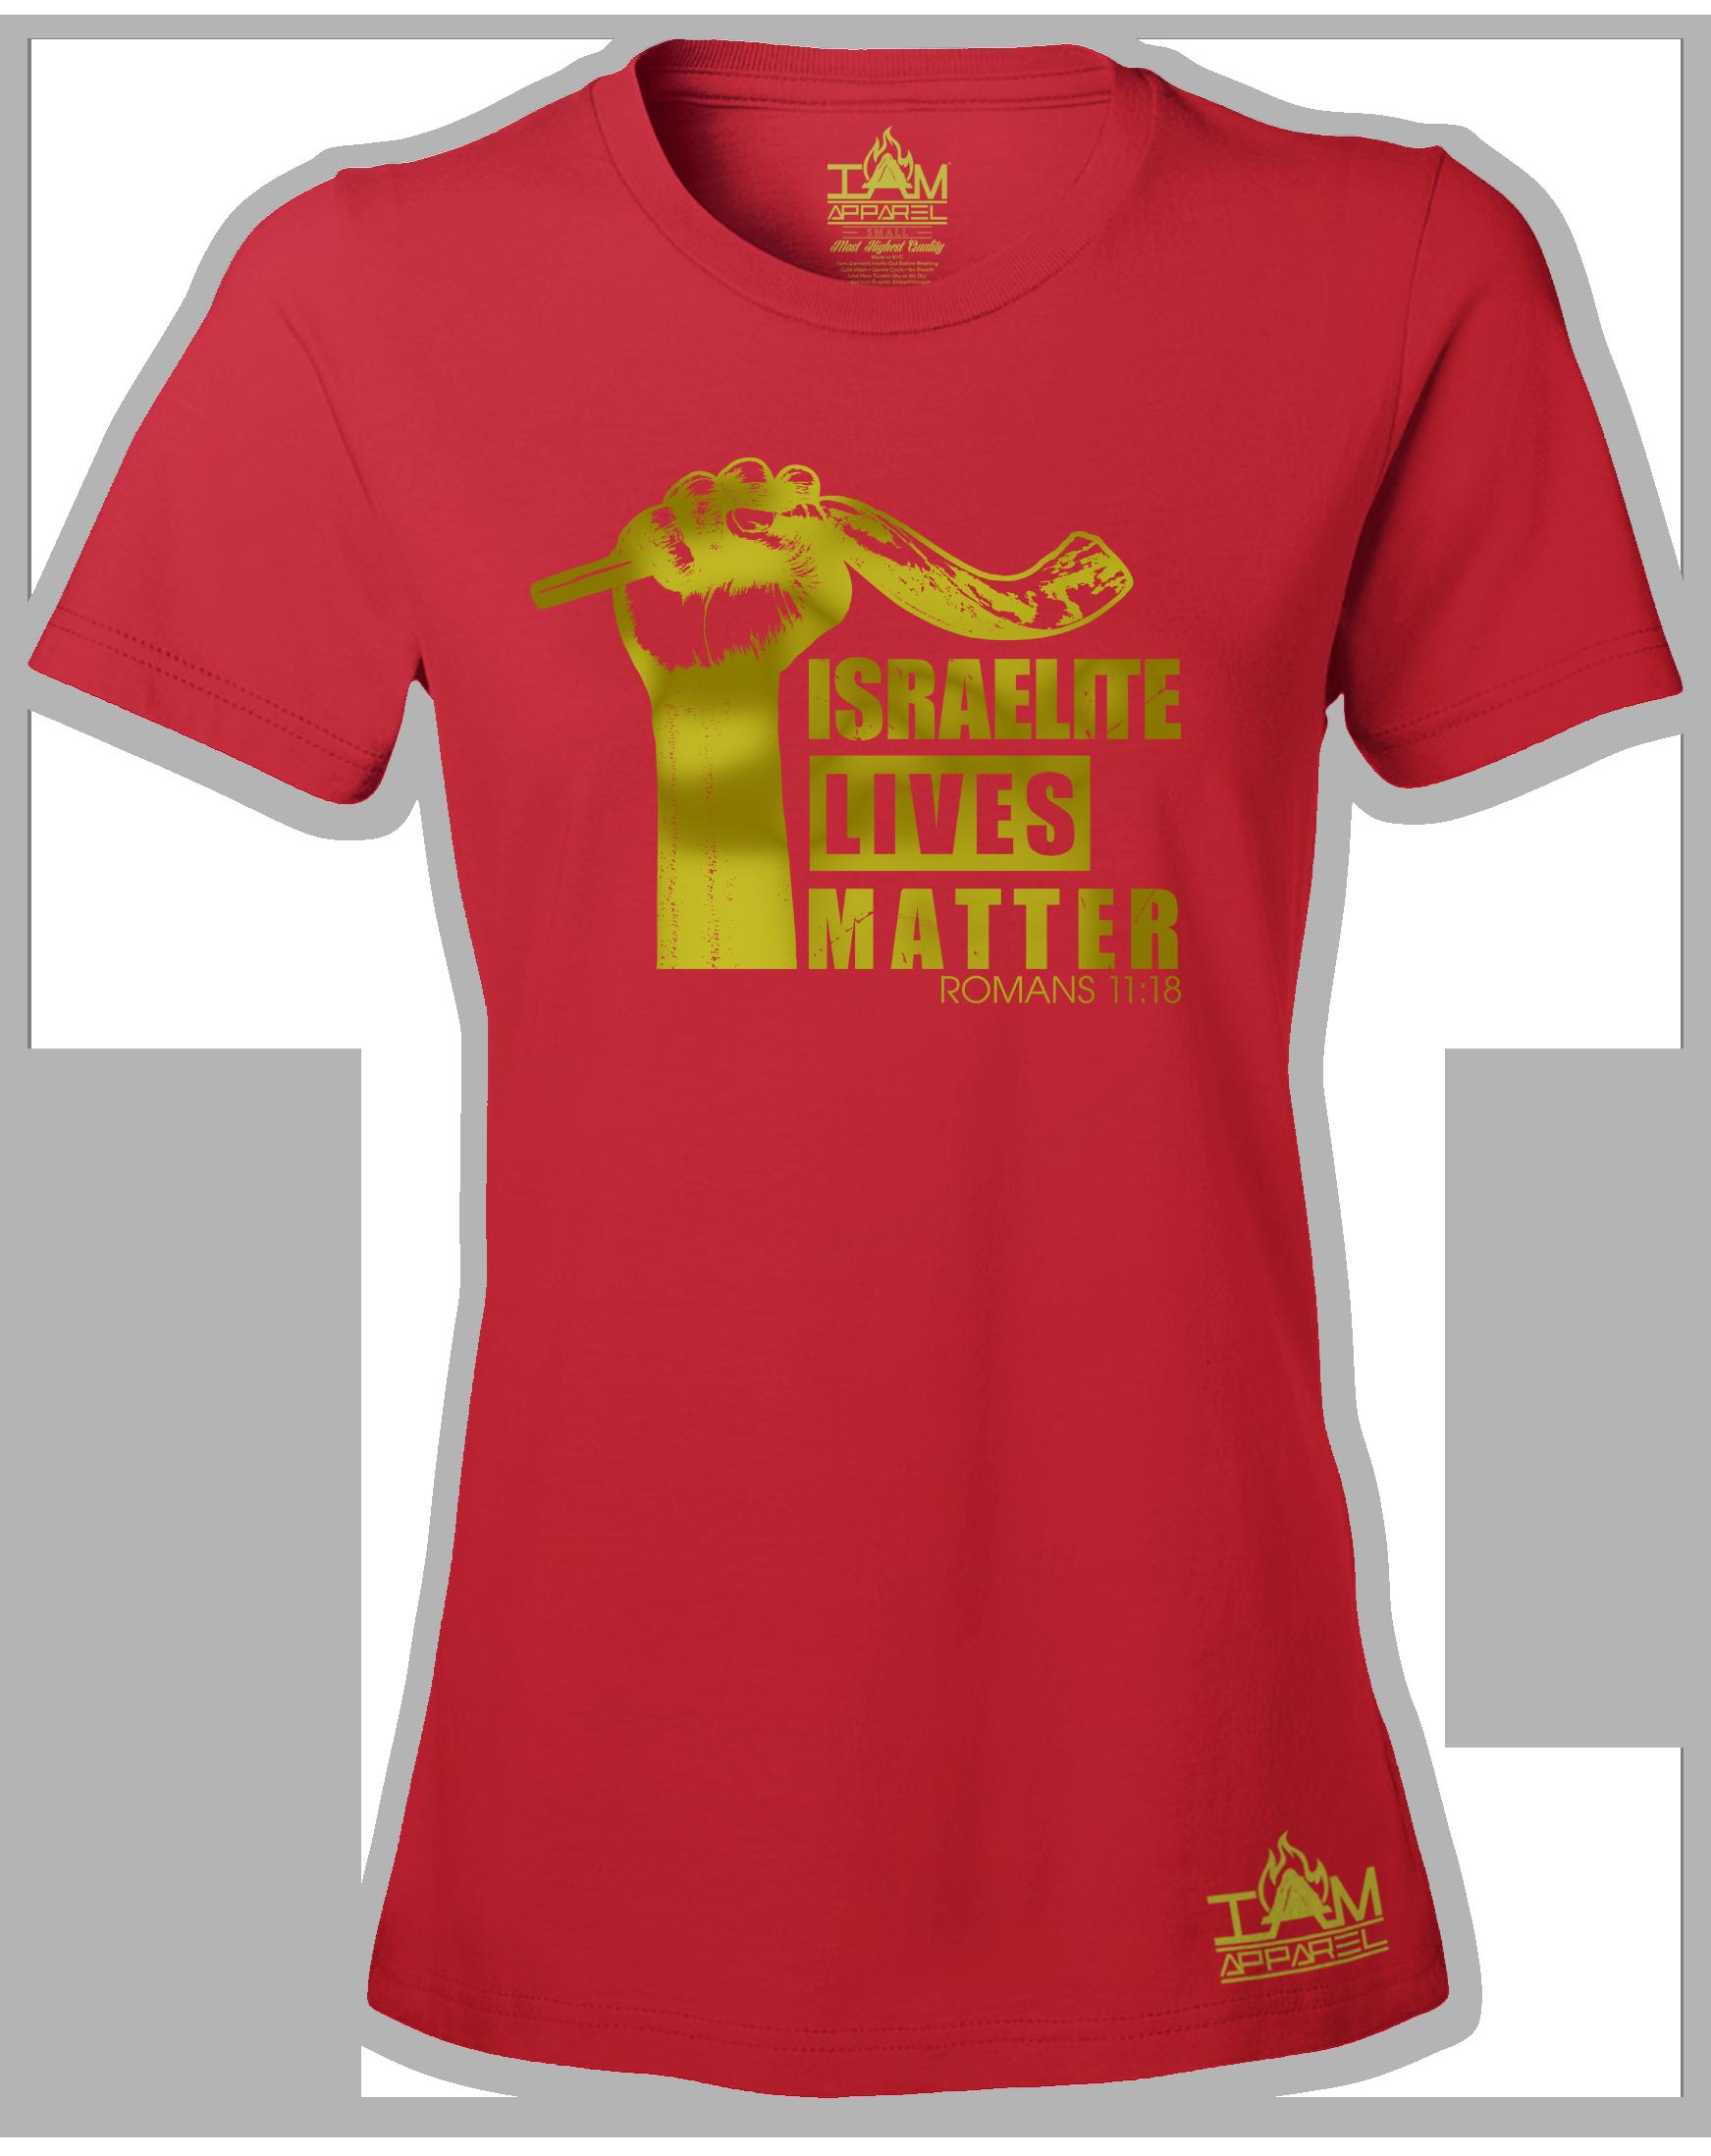 """Womens Israelite Lives Matter """"GOLDEN SERIES"""" Short Sleeved T-shirt"""